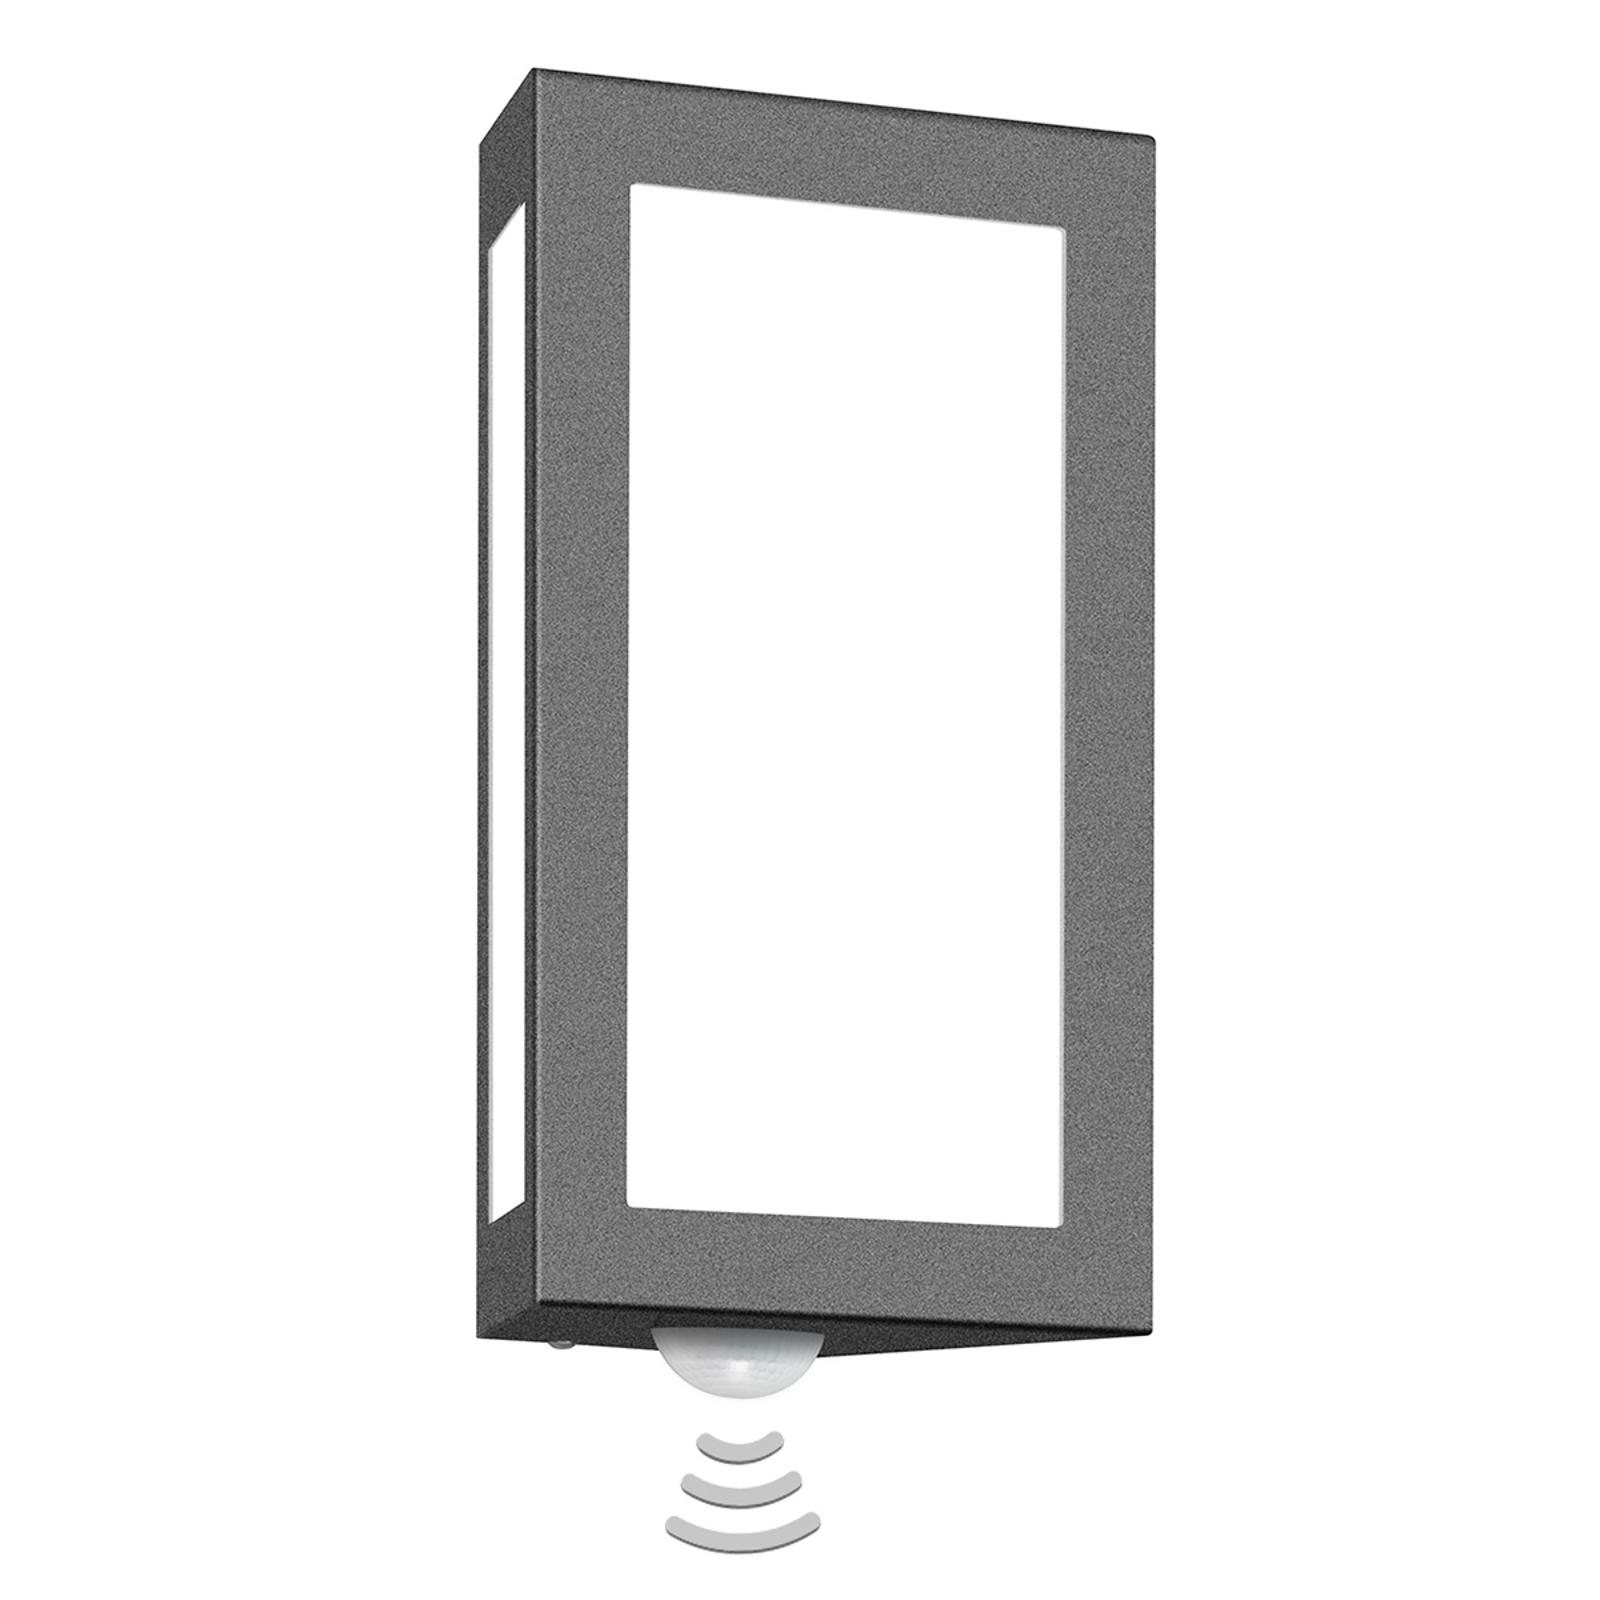 Buitenwandlamp Long met sensor